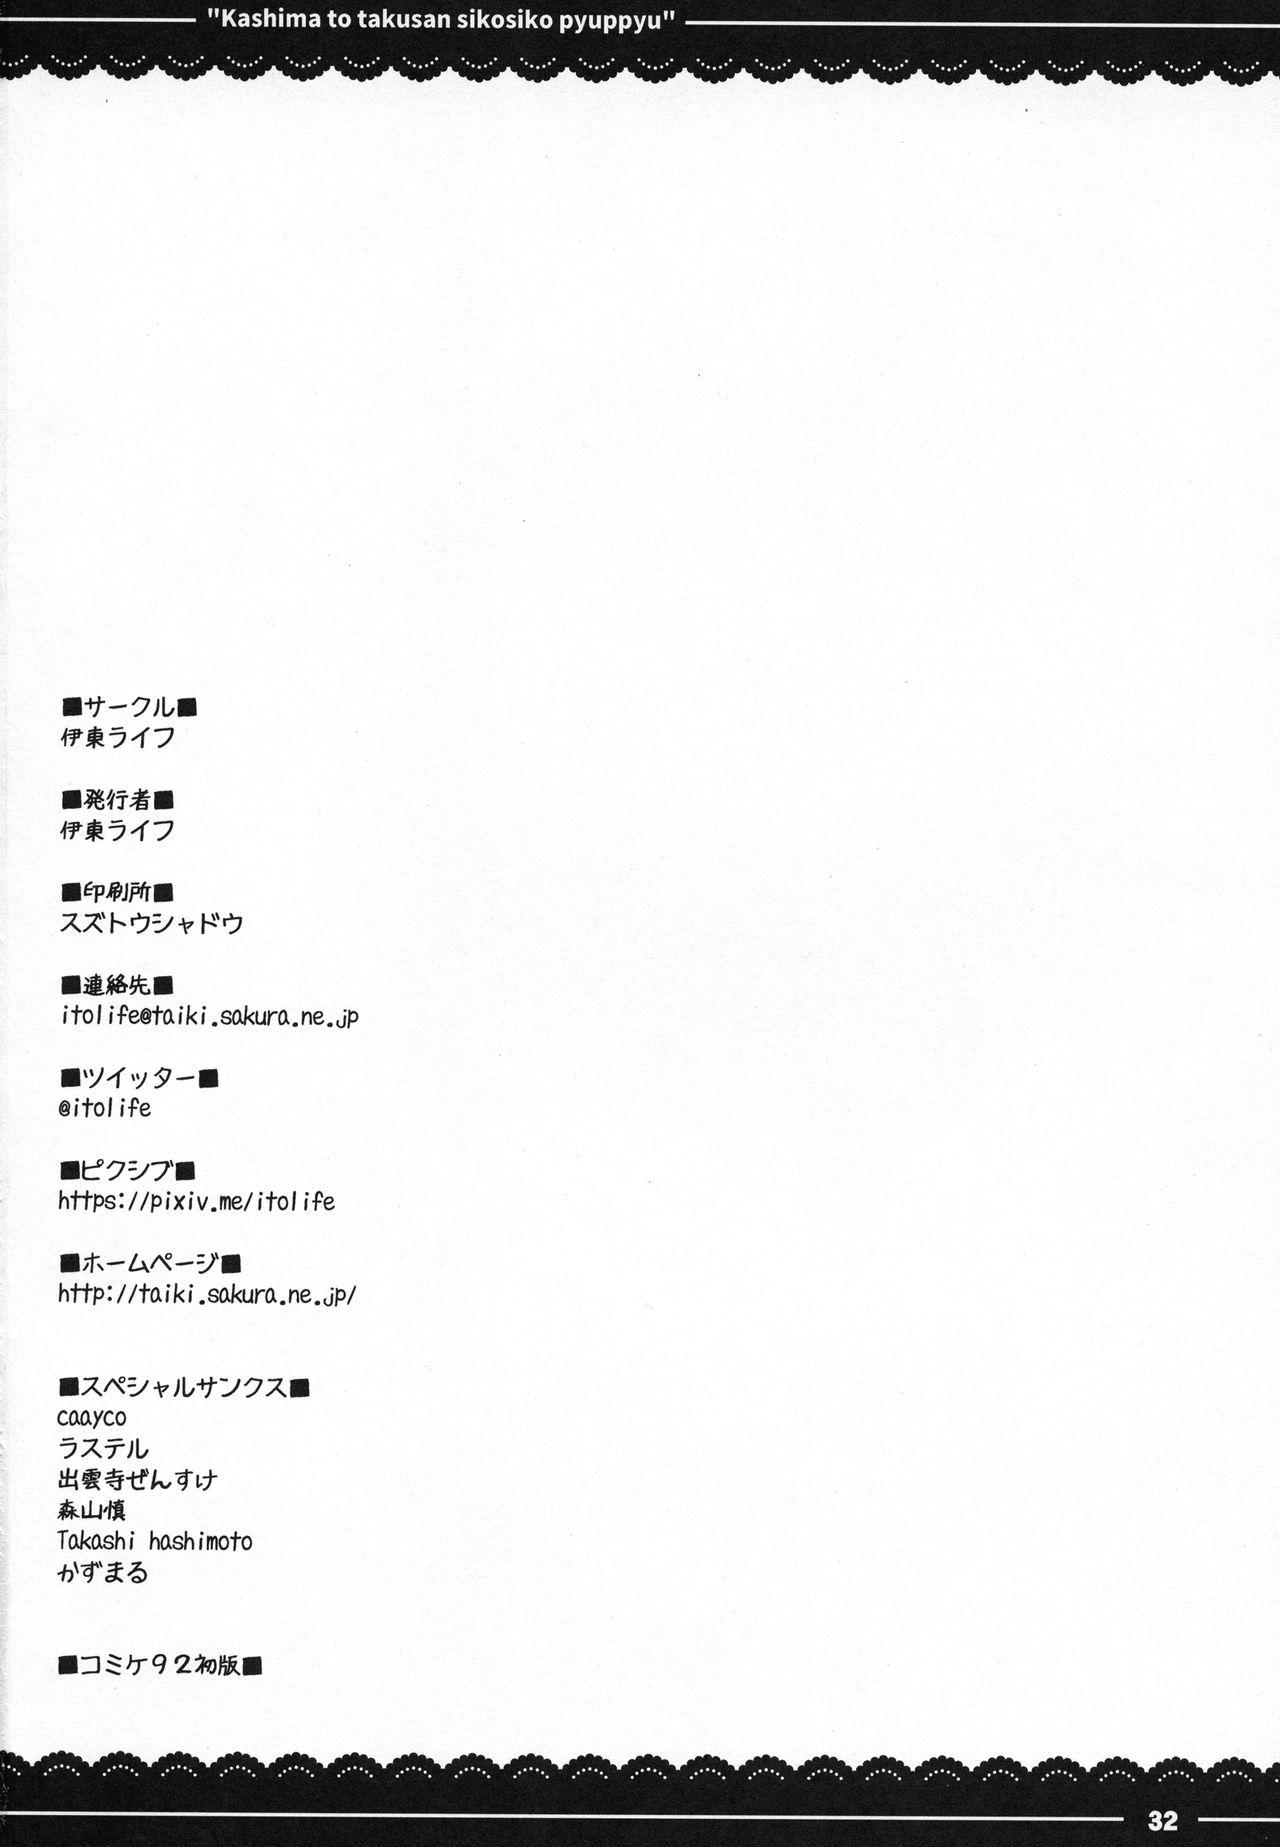 Kashima to Takusan Shikoshiko Pyuppyu 32